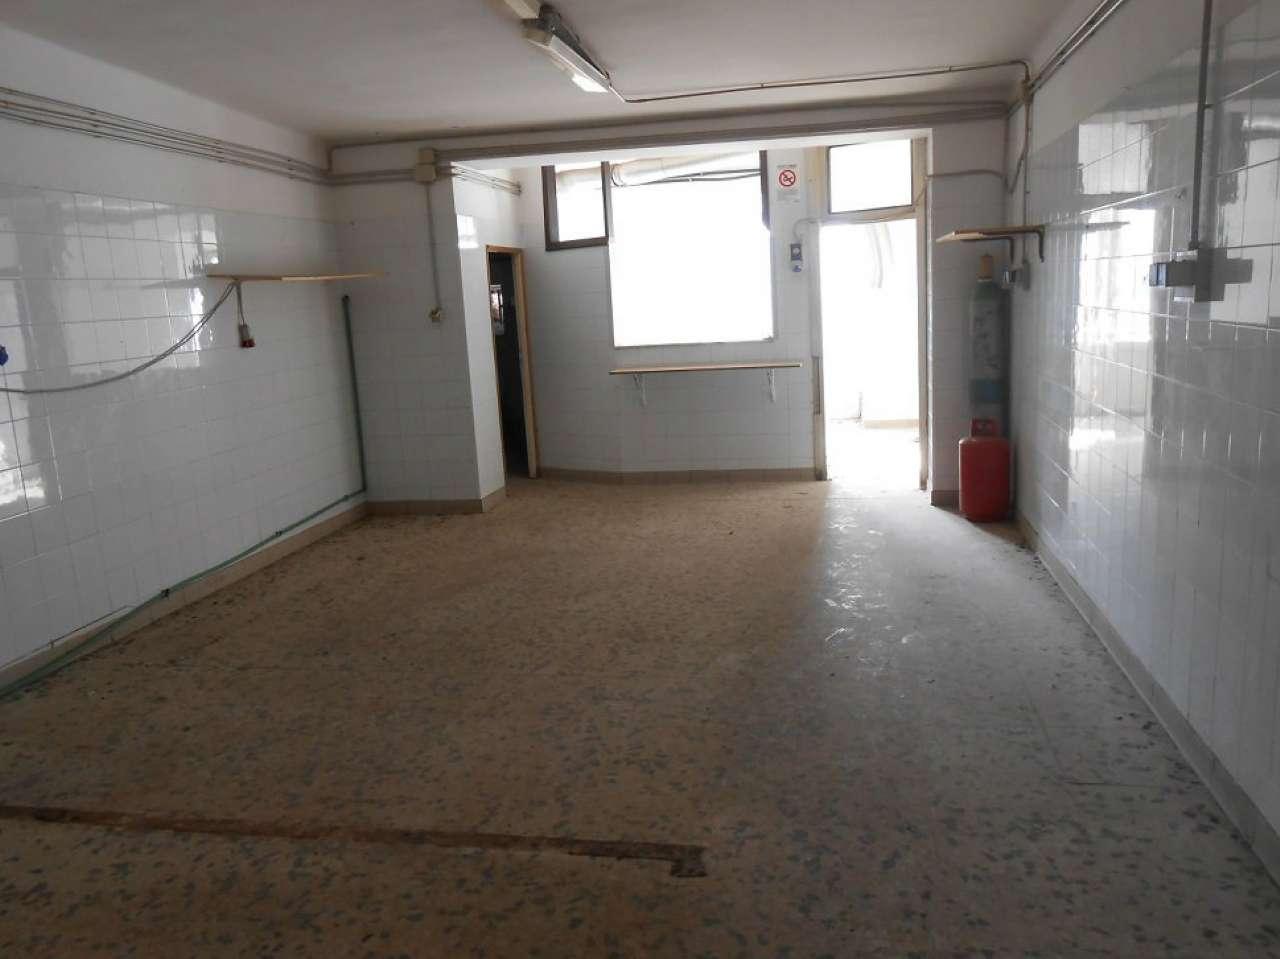 Laboratorio in vendita a Marino, 1 locali, prezzo € 50.000 | CambioCasa.it